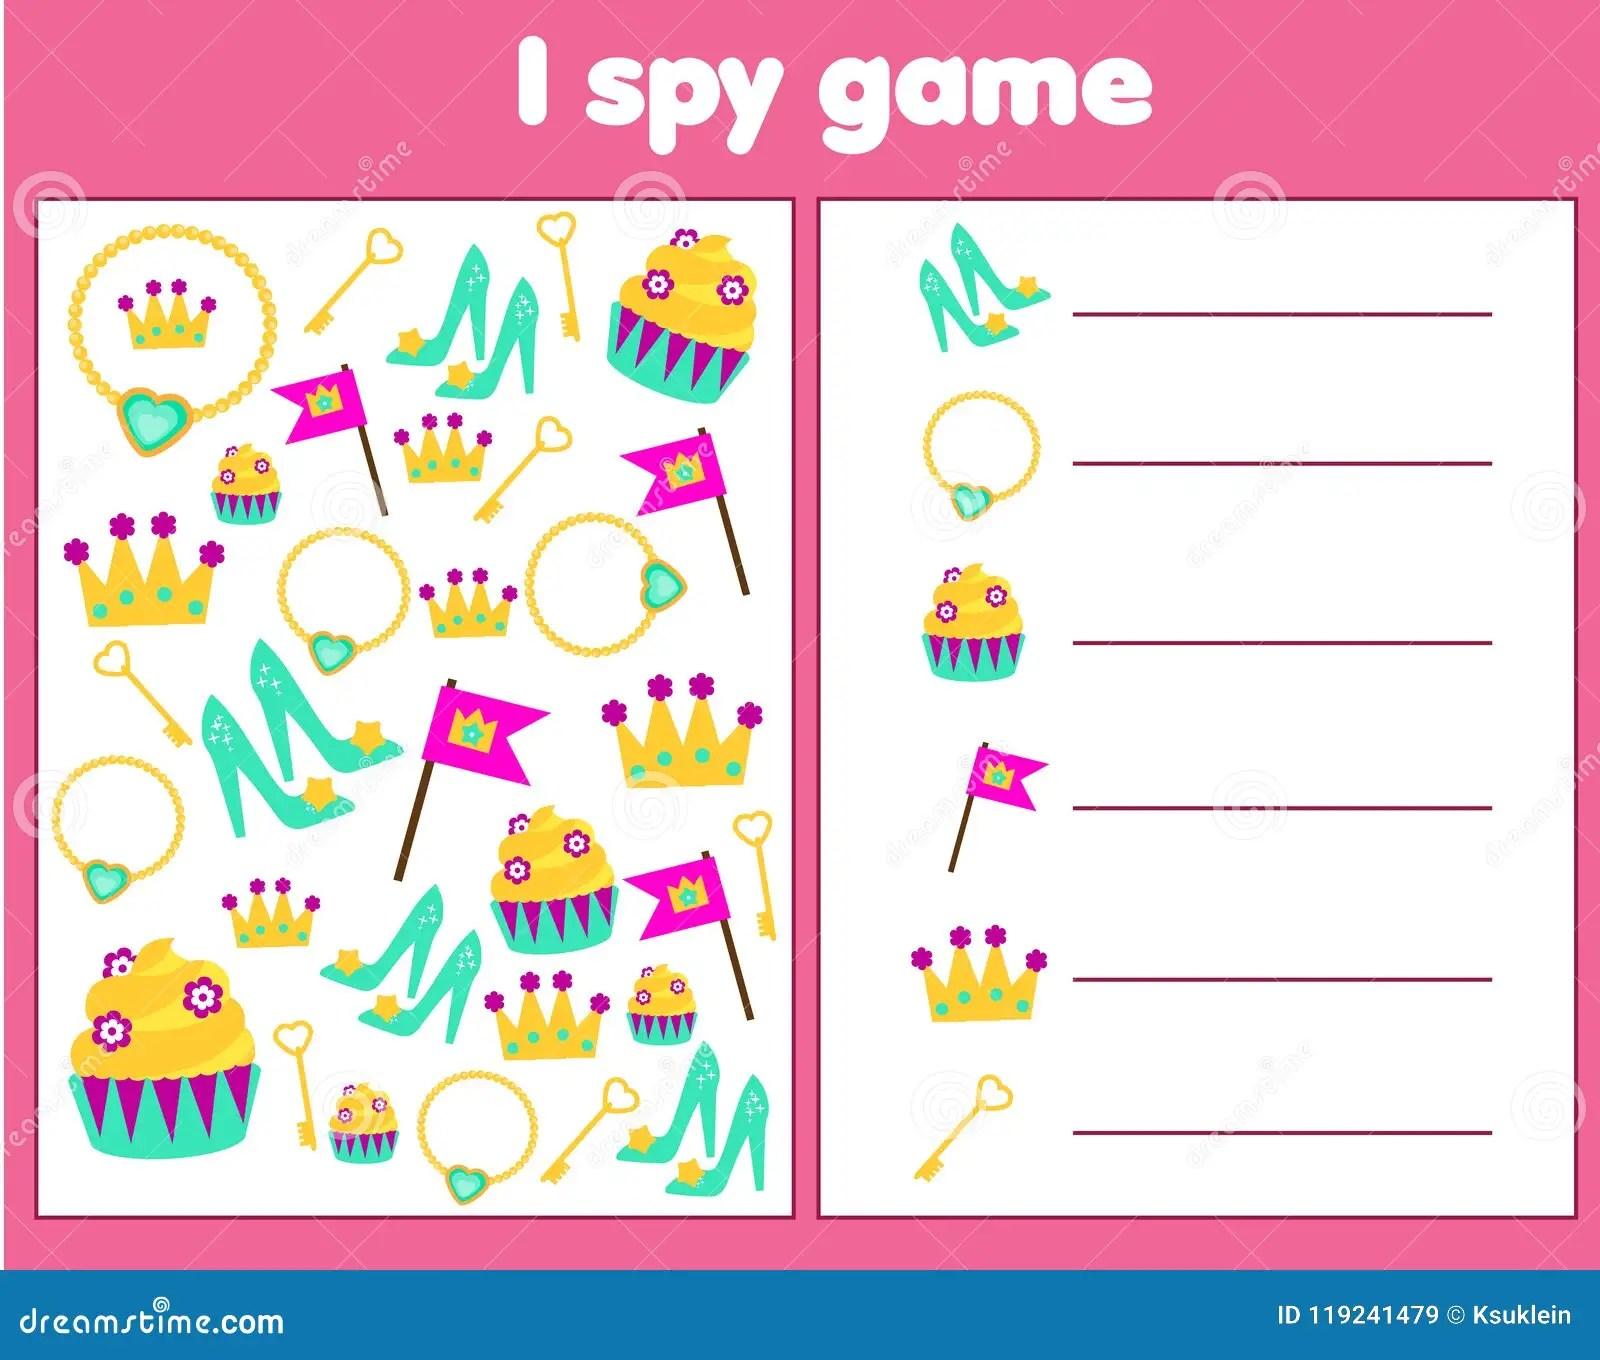 Ik Spioneer Spel Voor Peuters Vind En Tel Voorwerpen